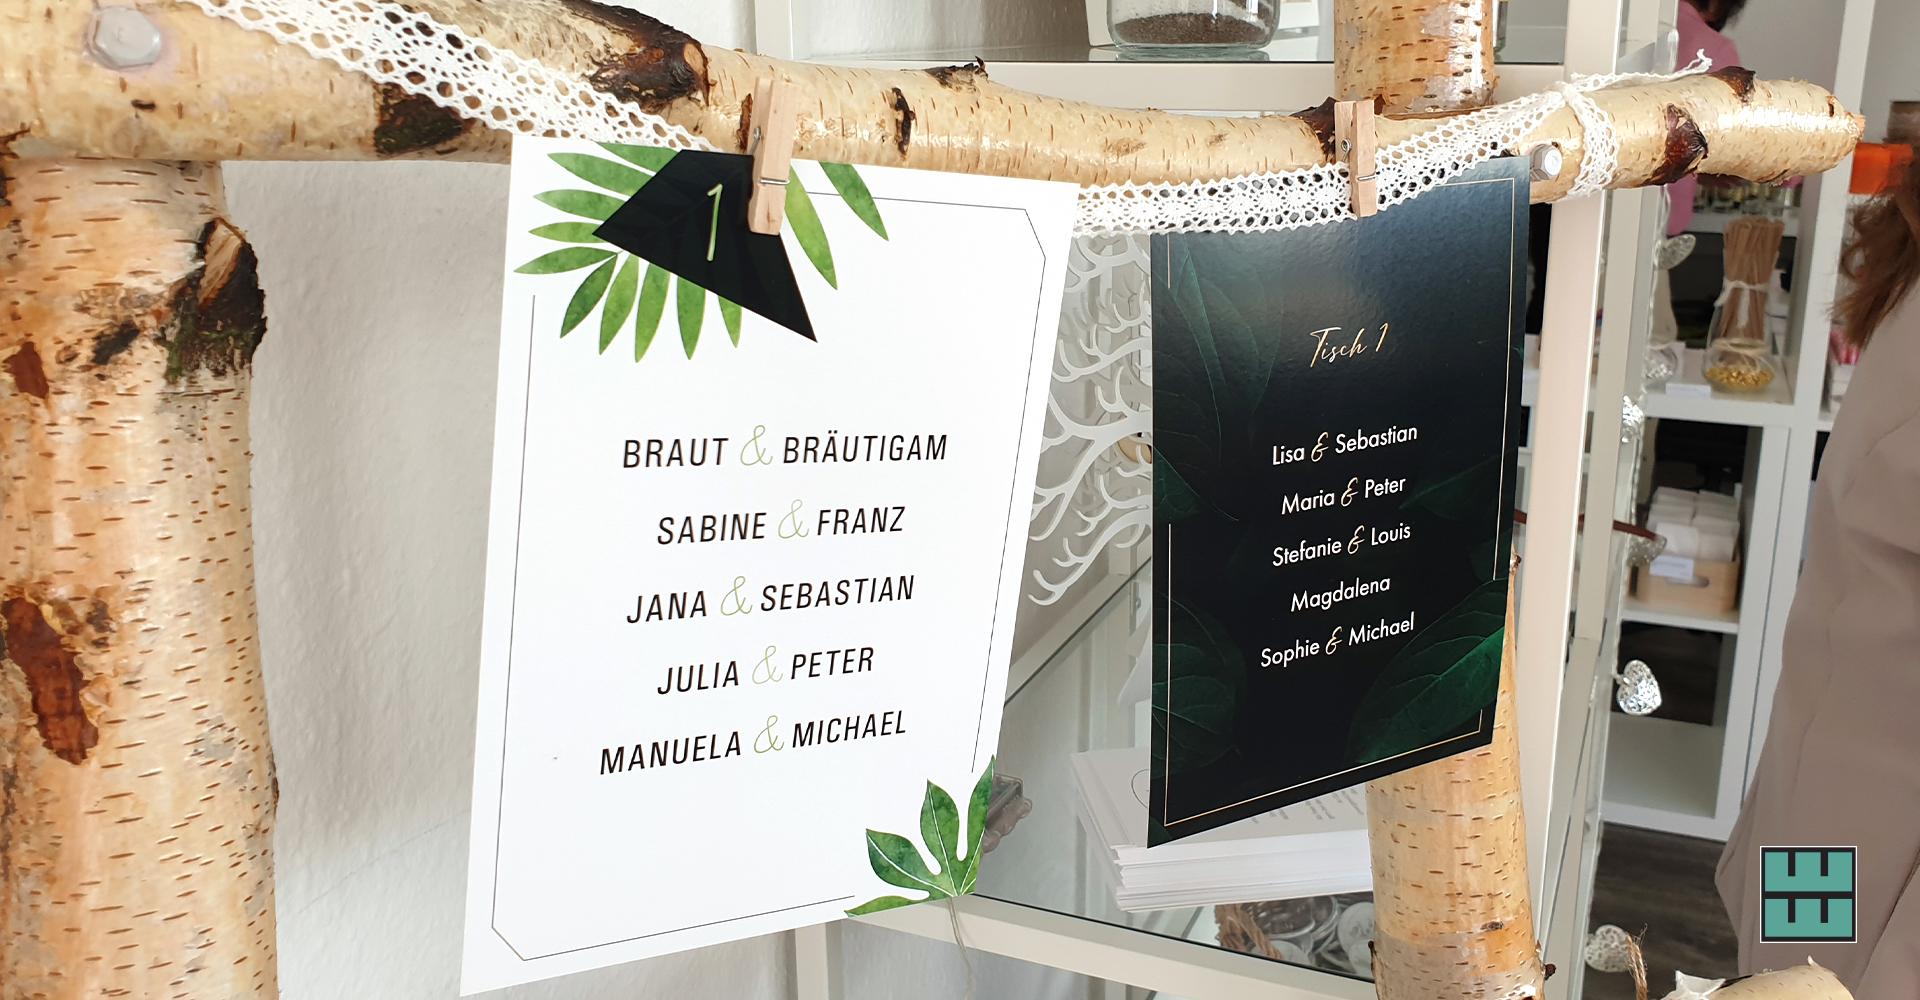 Nicht nur die KFZ- und Fensterbeklebung haben wir gestaltet und montiert - ab stellen wir im Wedding Showroom unsere Hochzeitspapeterie aus.